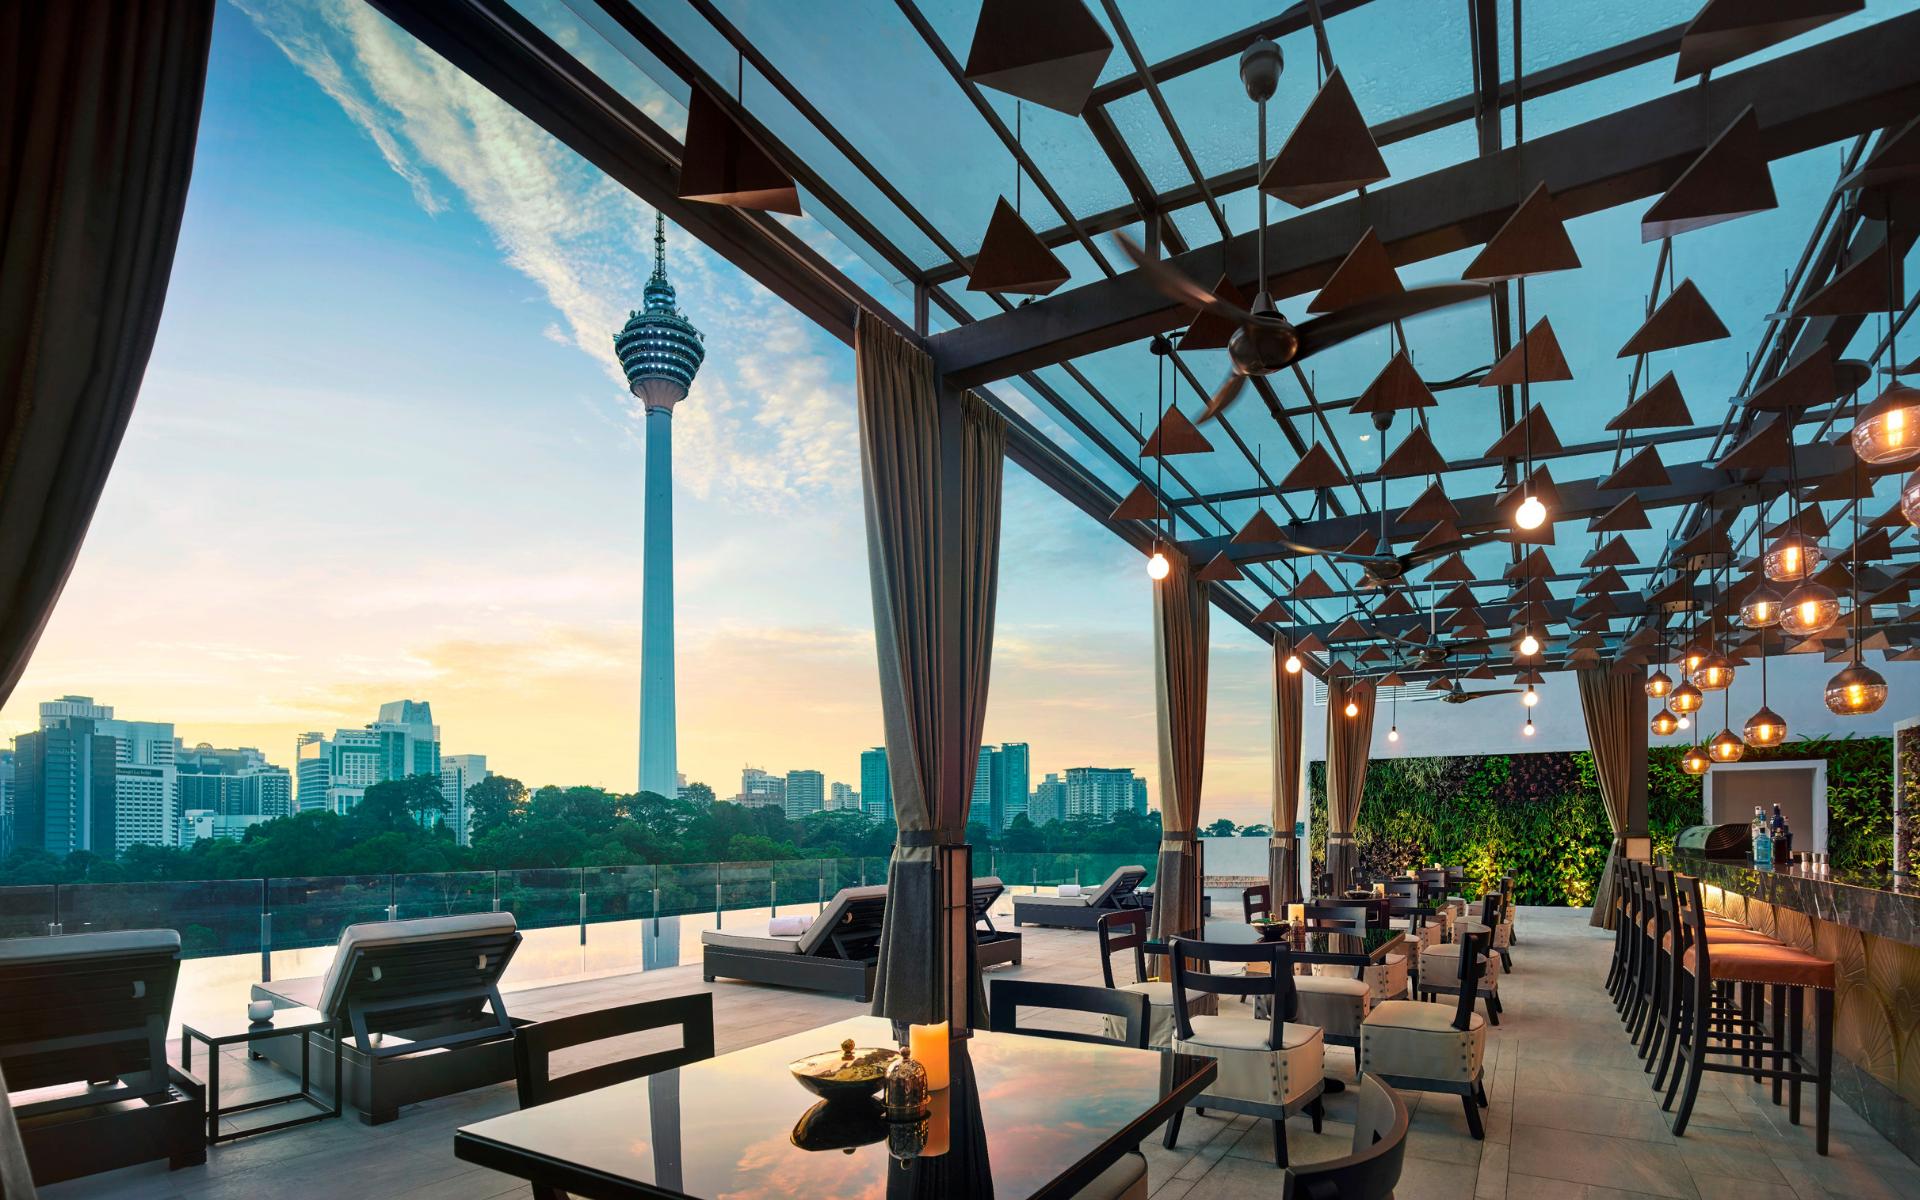 Photo: Courtesy of Hotel Stripes Kuala Lumpur